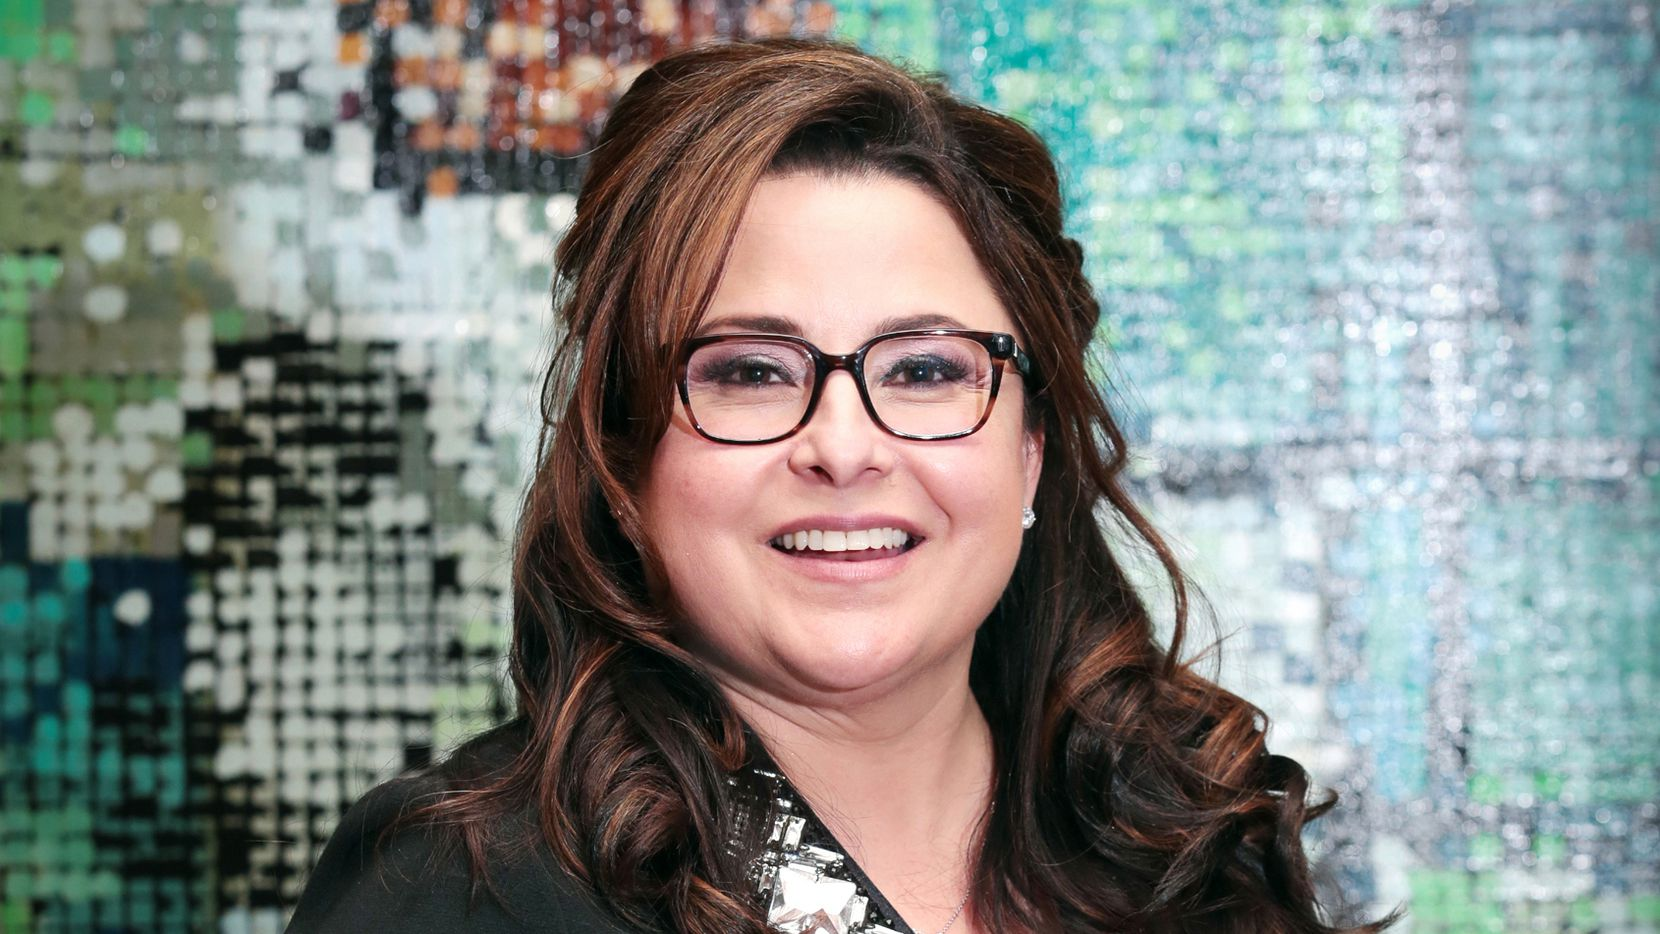 Arcilia Acosta es presidenta de Carcon Industries, que se ha destacado en el campo de la construcción en Dallas y Fort Worth. MARIA OLIAS/Especial para AL DÍA